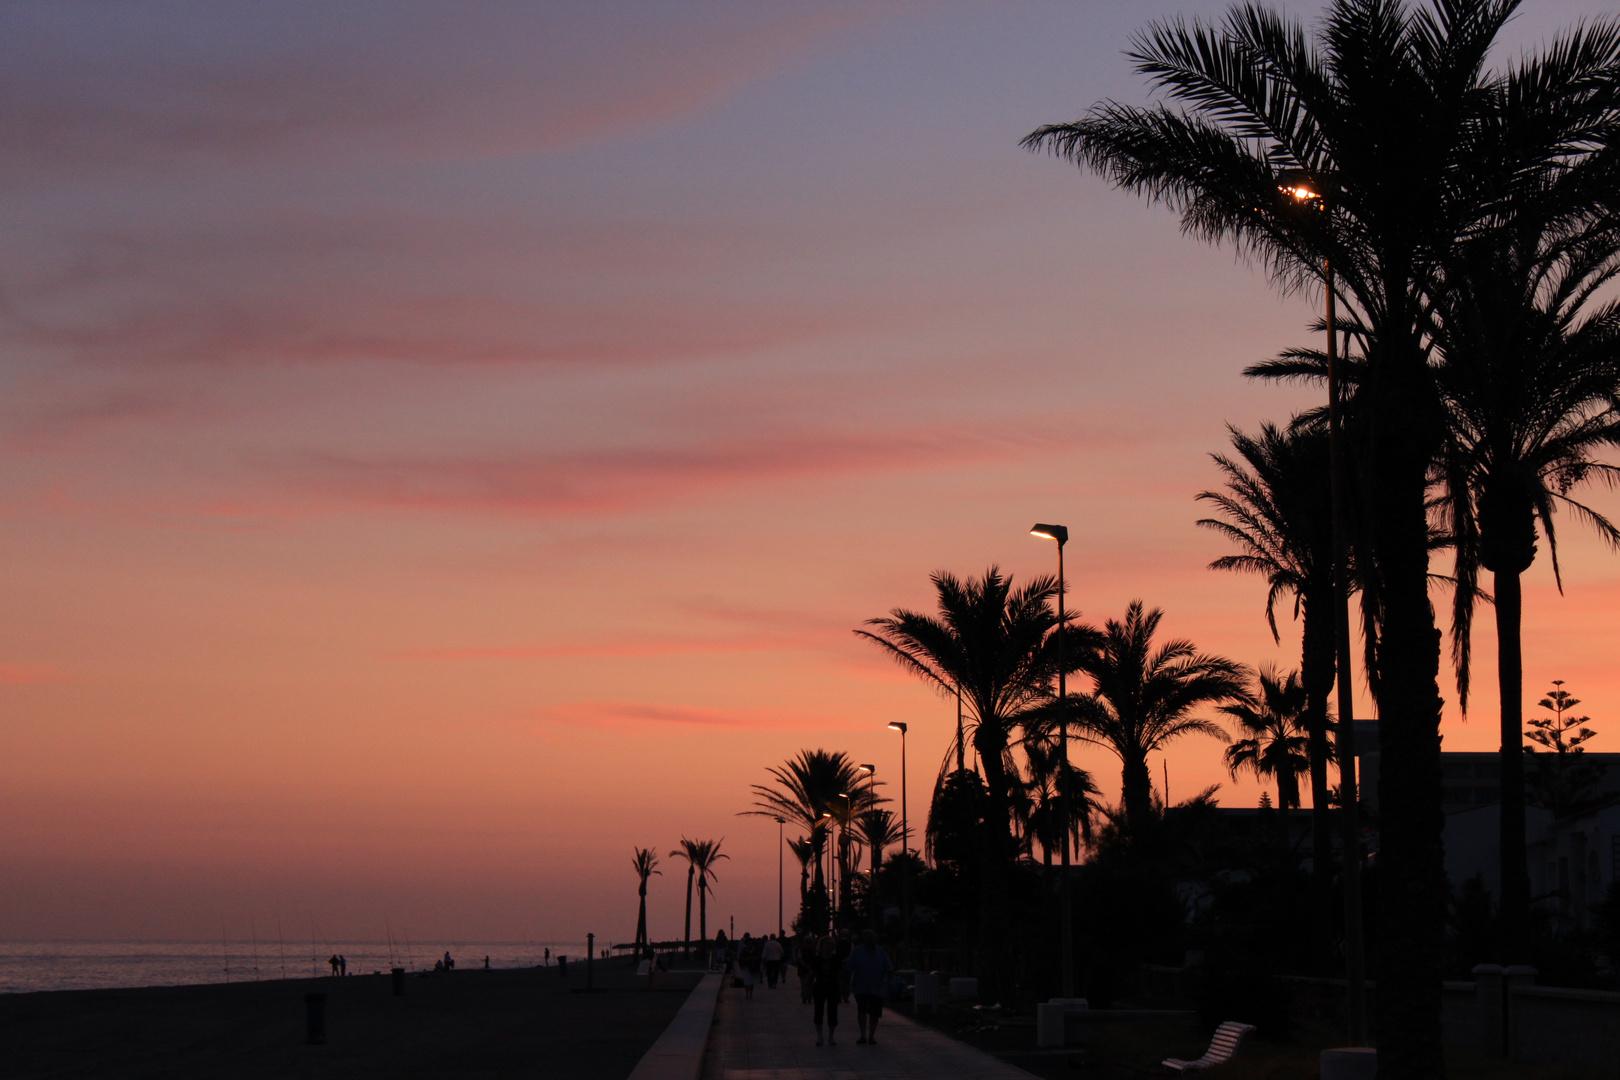 Sonnenuntergang auf der Promenade